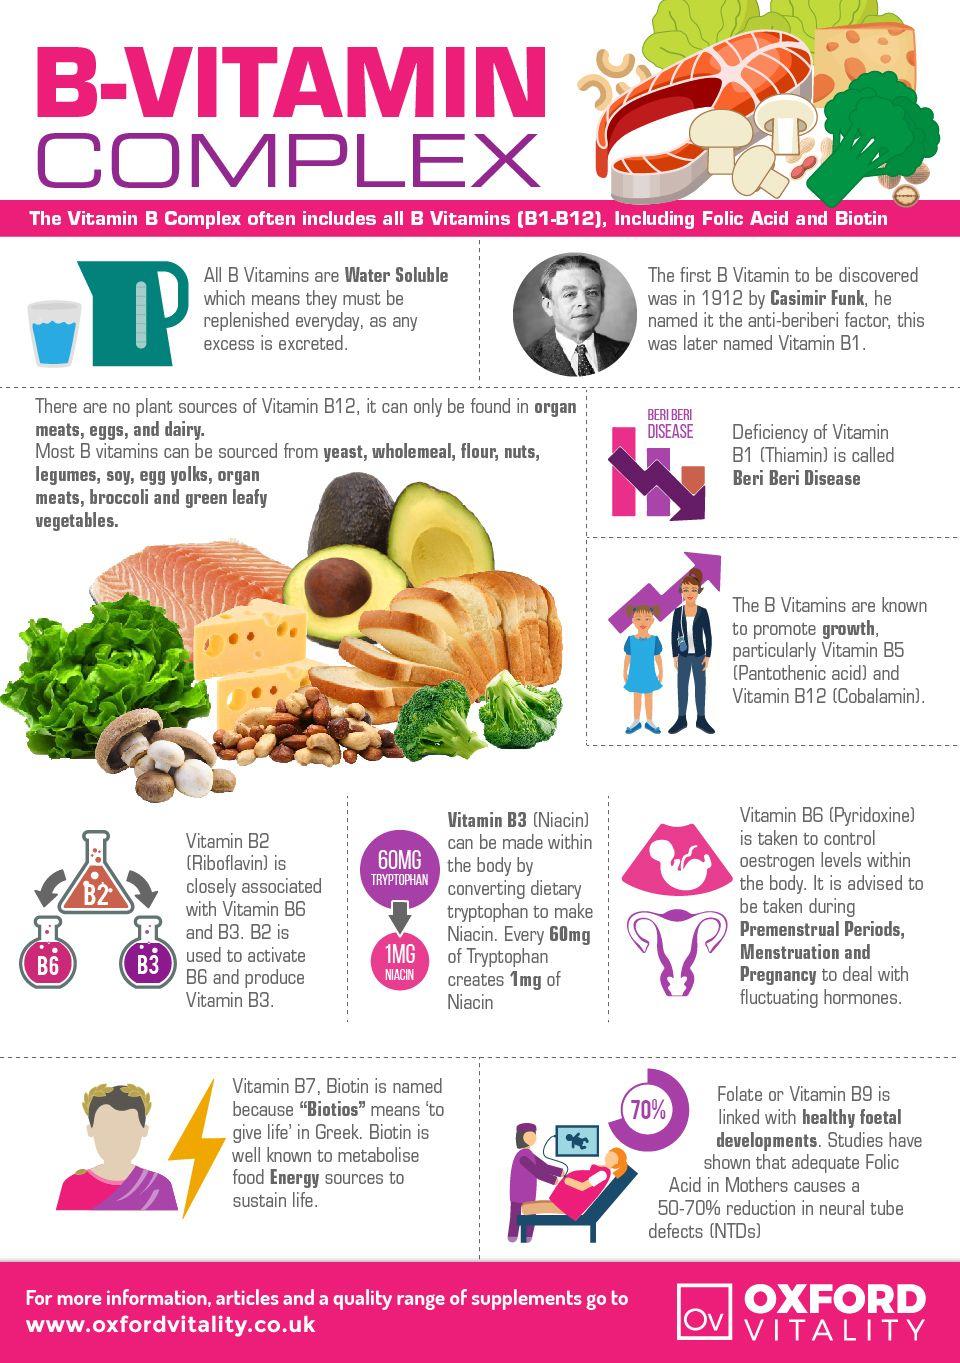 Vitamin B B Vitamin Supplements B Vitamin Tablets B Vitamin History Health Benefits Of B Vitamins Vitamin B Complex Coconut Health Benefits Vitamin B